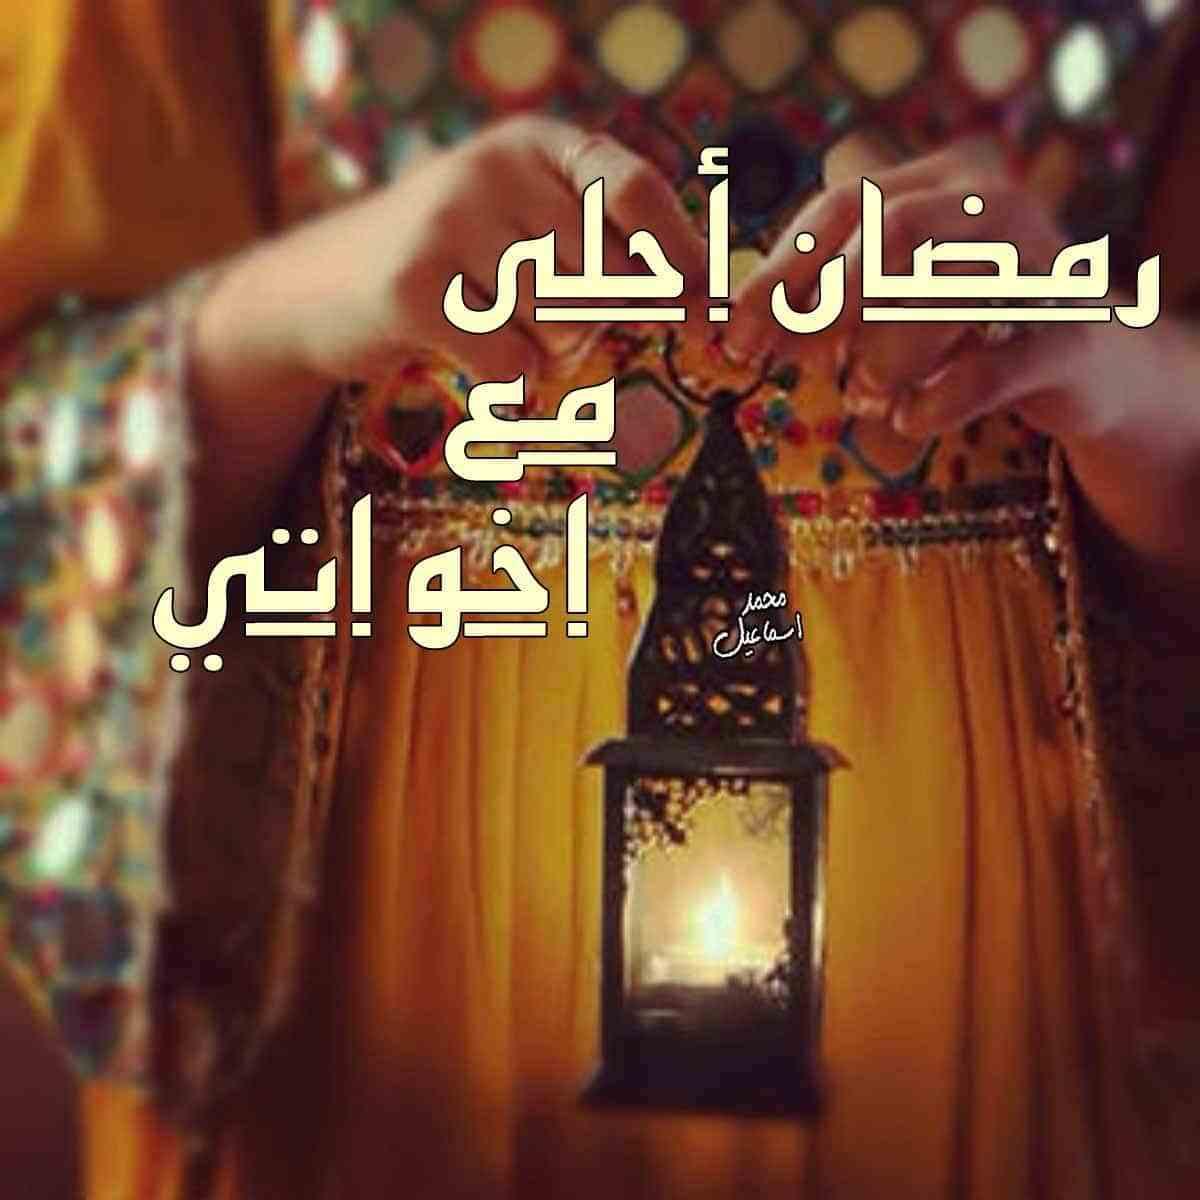 صورة صور رمضان كريم , اجمل الصور لاجمل شهر في السنة